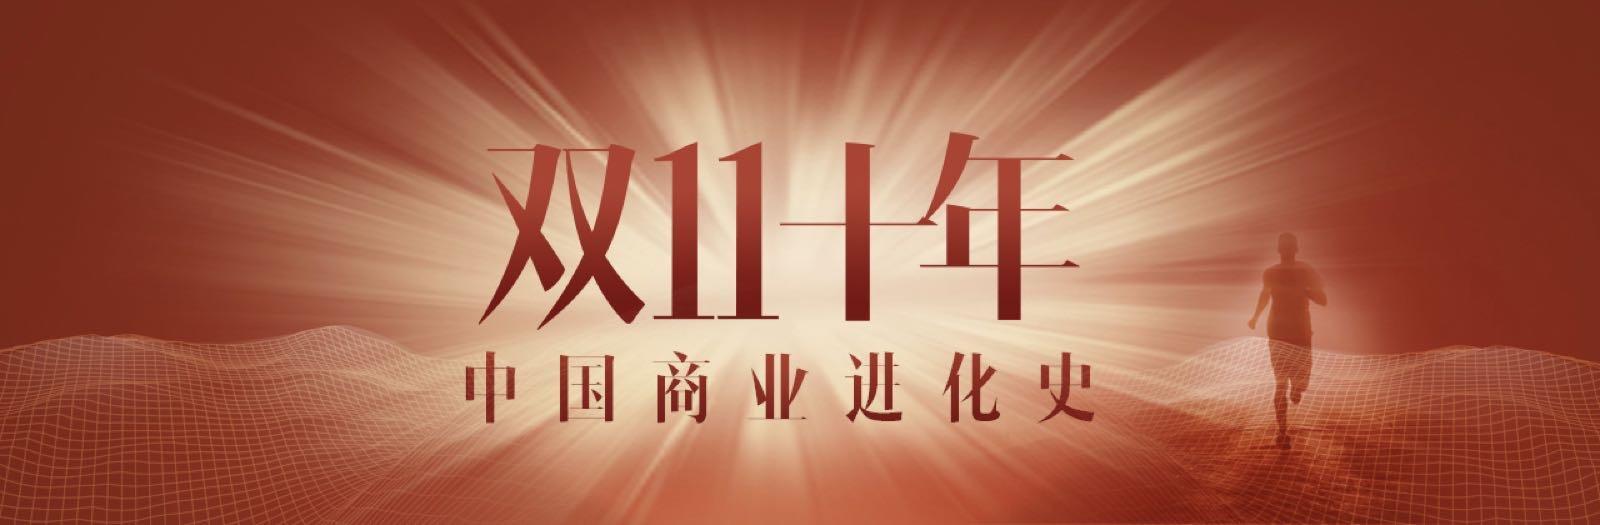 双十一十年,中国商业进化史